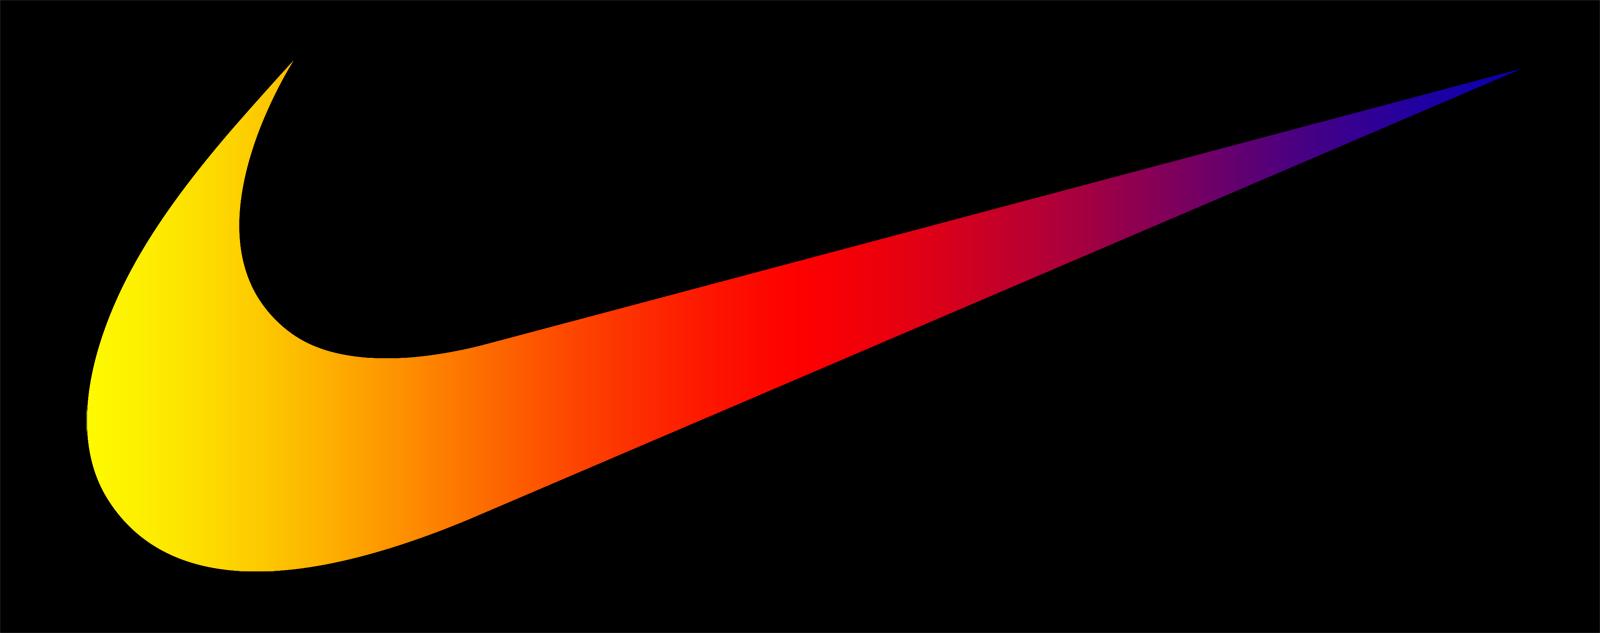 Nike Swoosh Logos